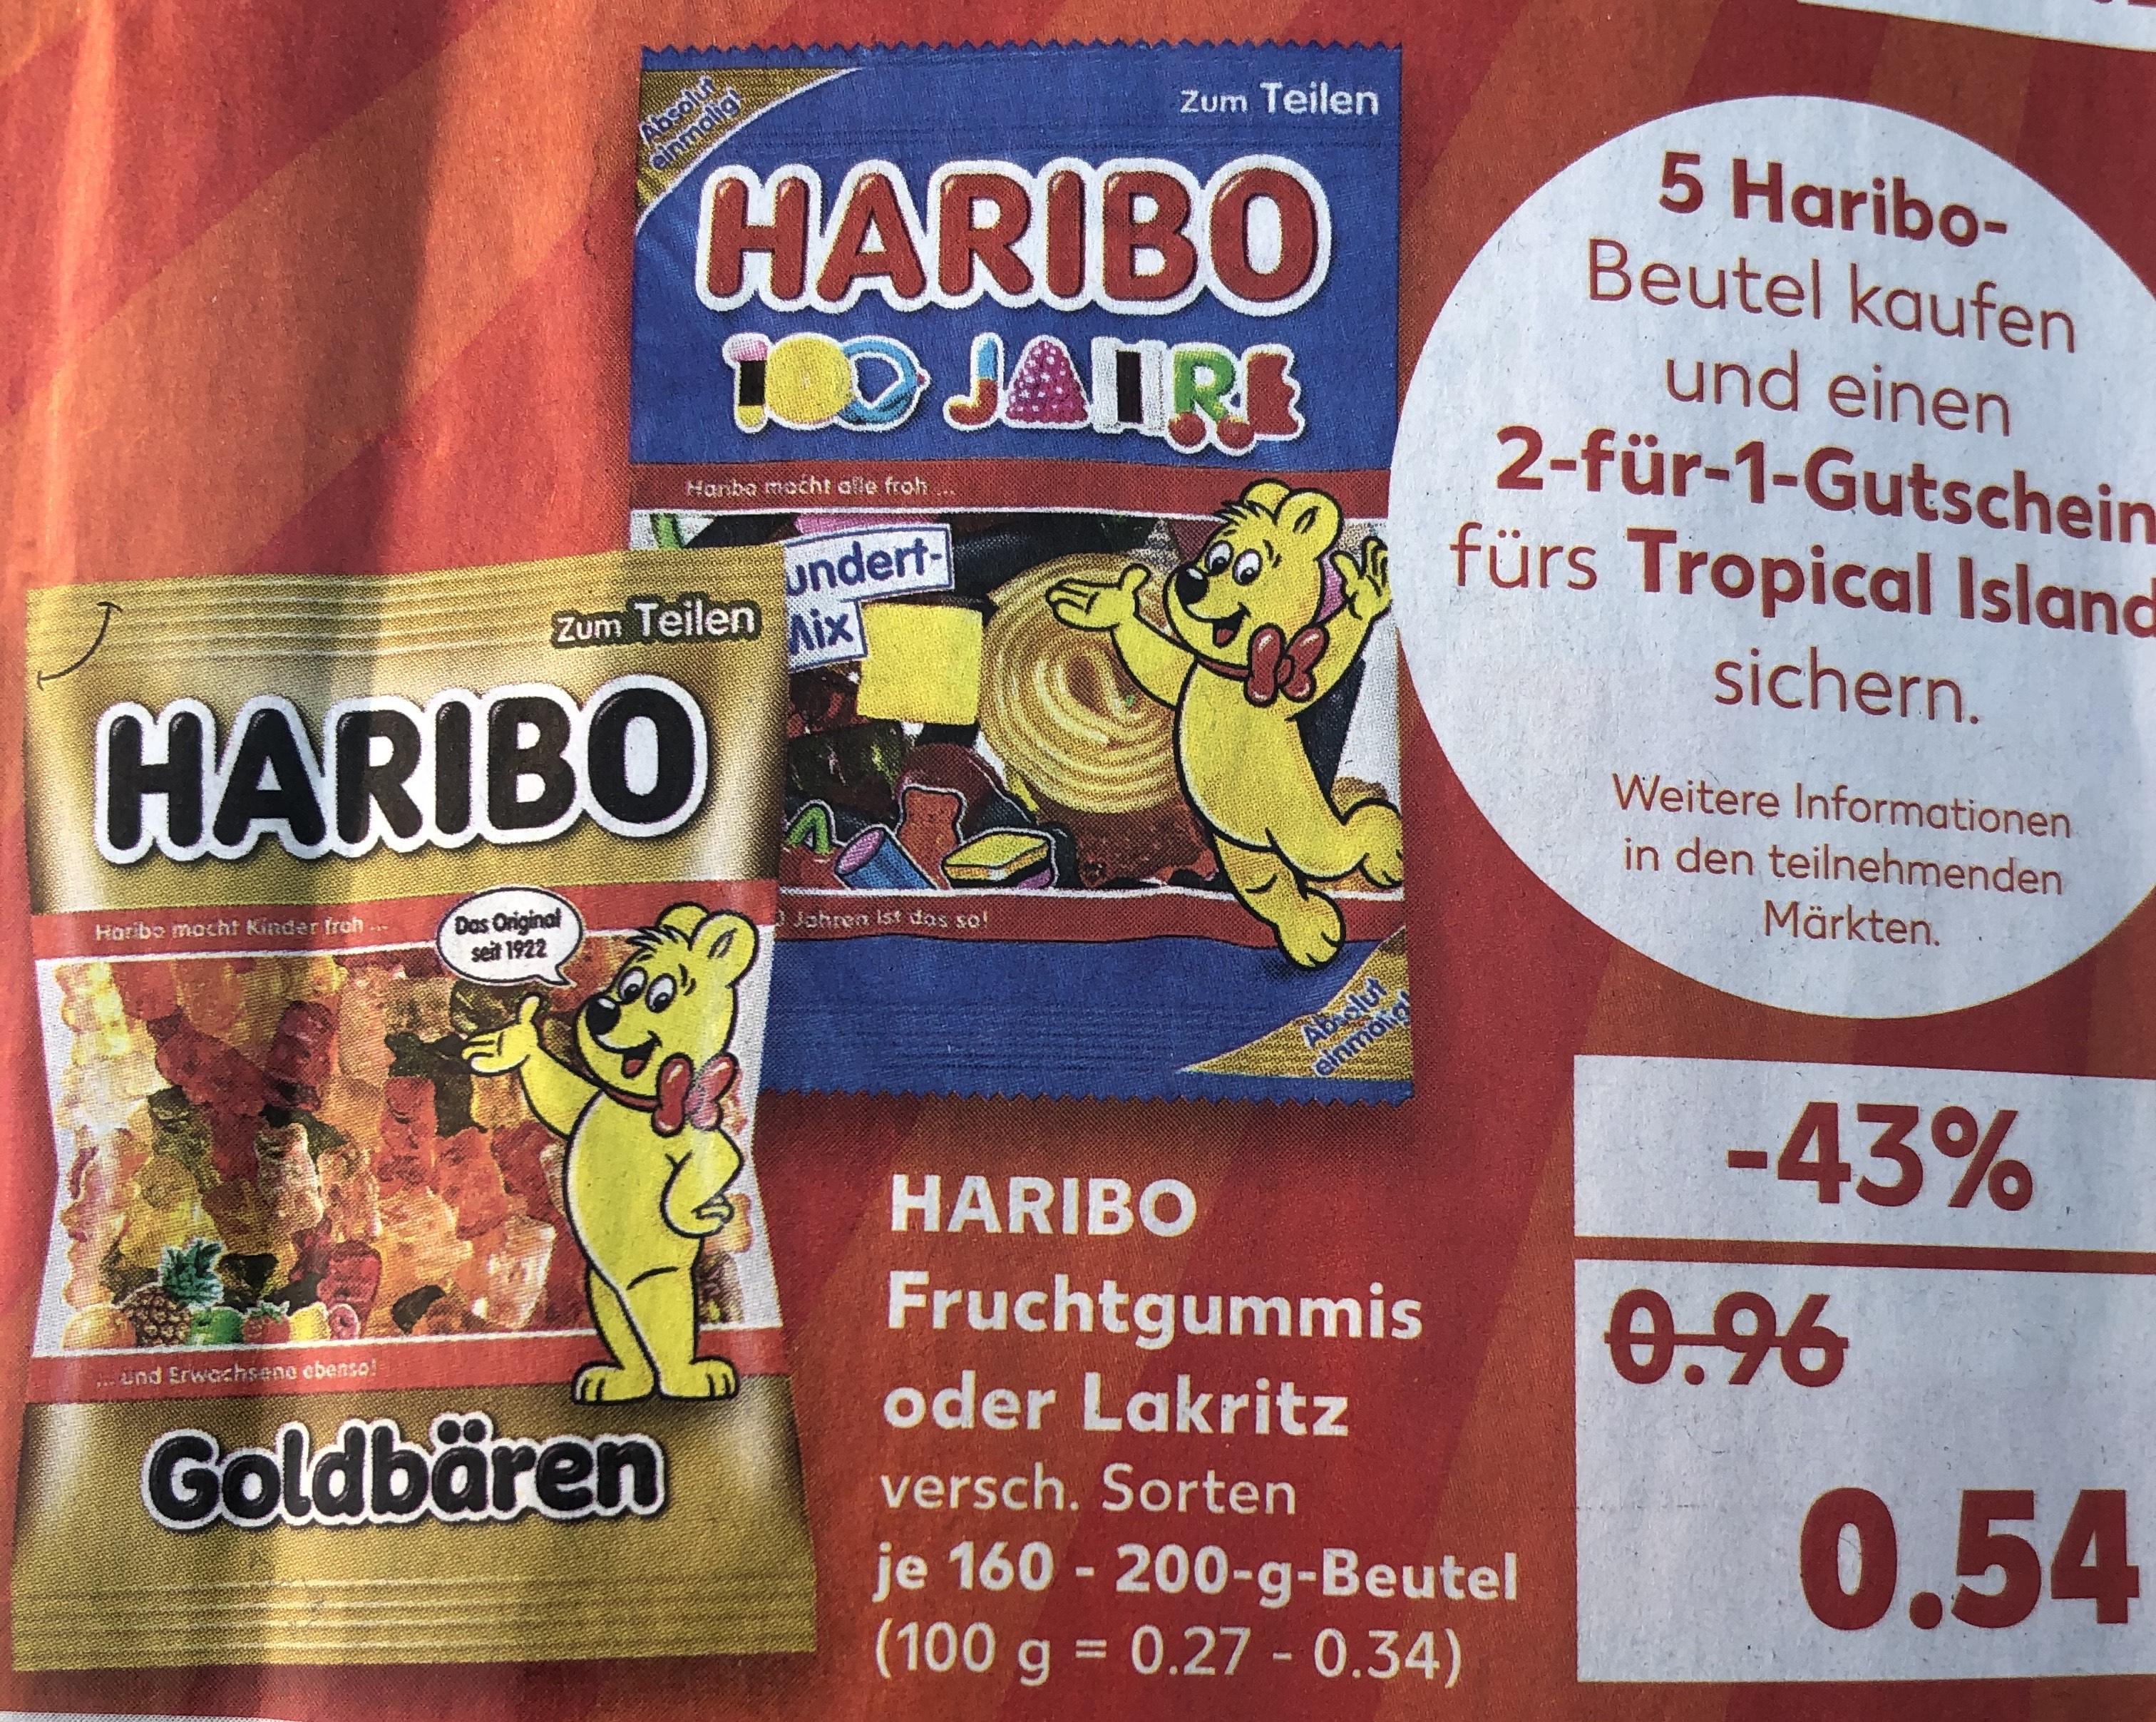 Kaufland 5 Haribo Beutel kaufen und 2 für 1 Gutschein Tropical Islands sichern